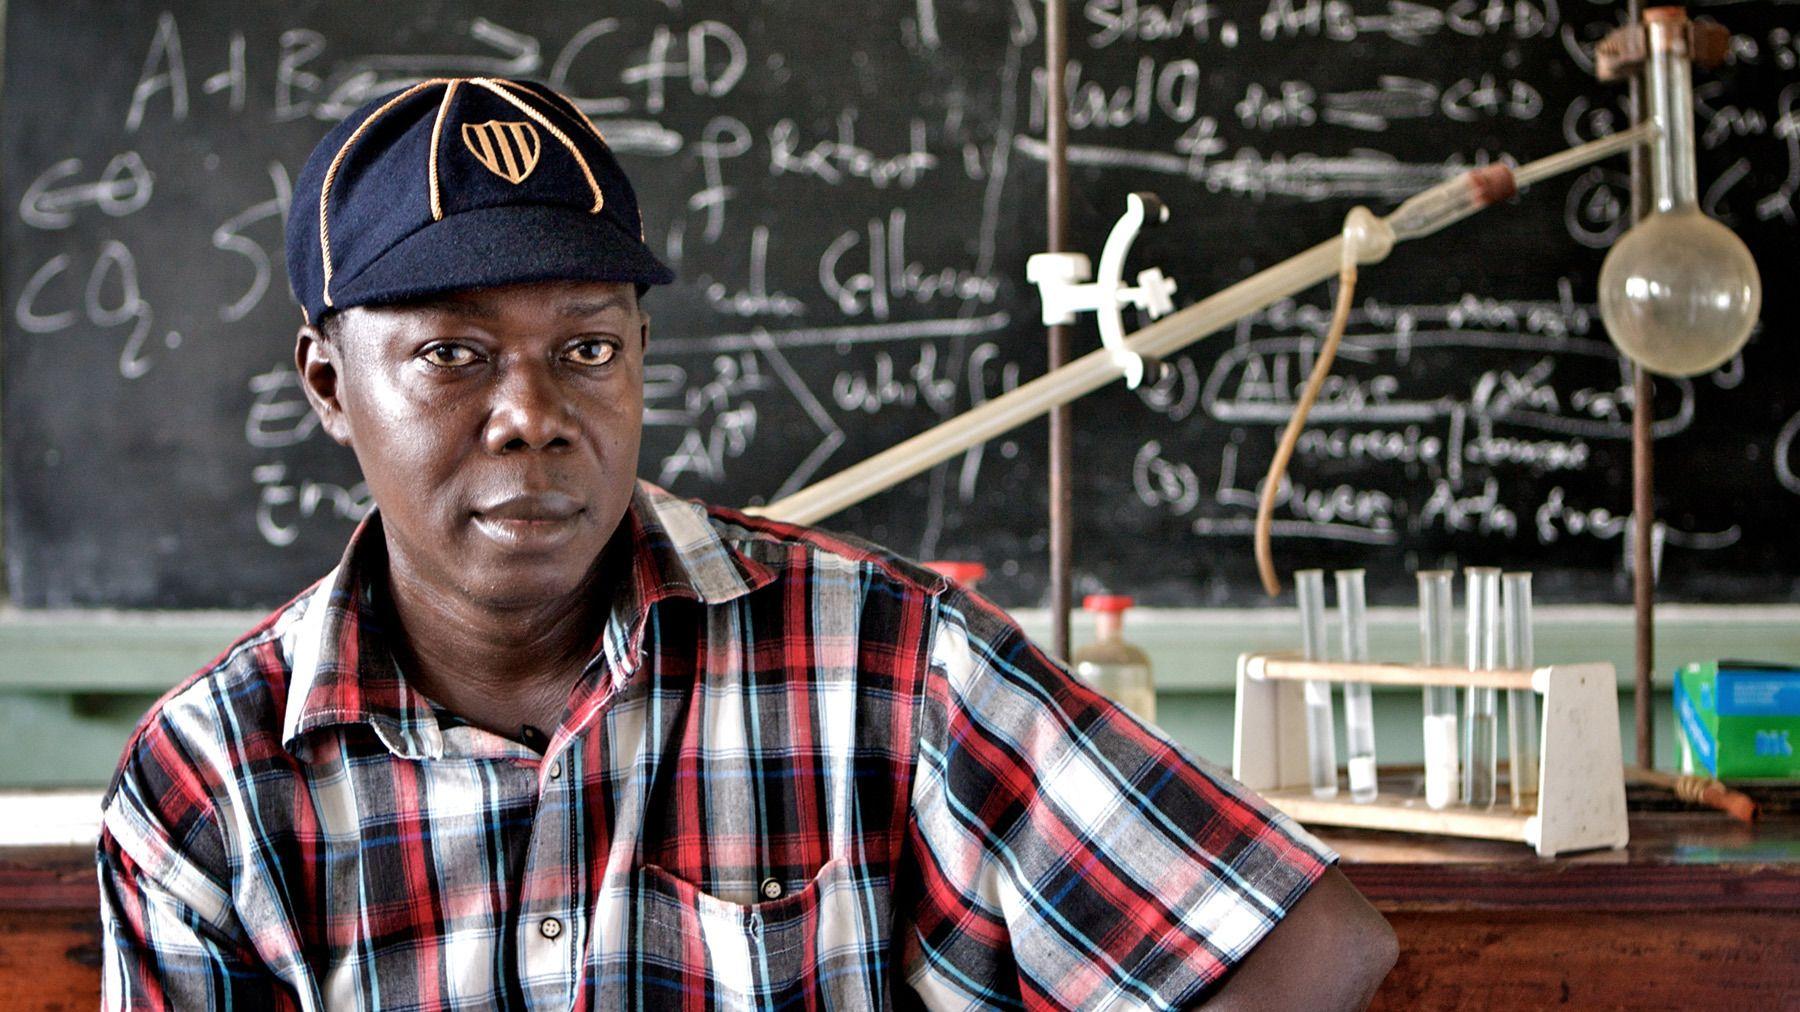 1bo_bo_school_portrait_chemistry_teacher_sierra_leone.jpg